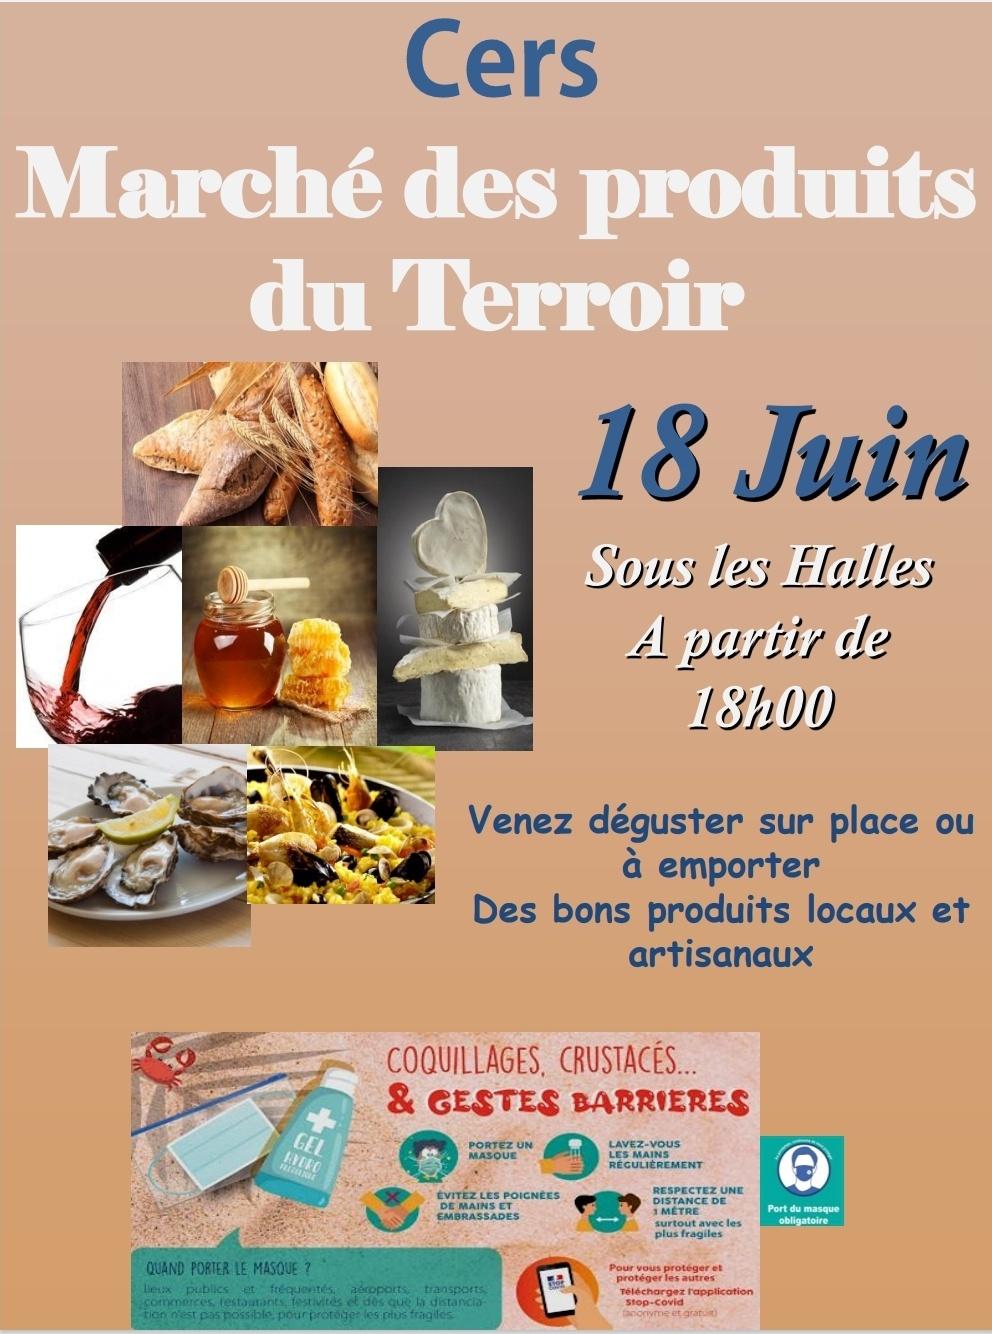 1er marché des produits du terroir ce vendredi 18 juin